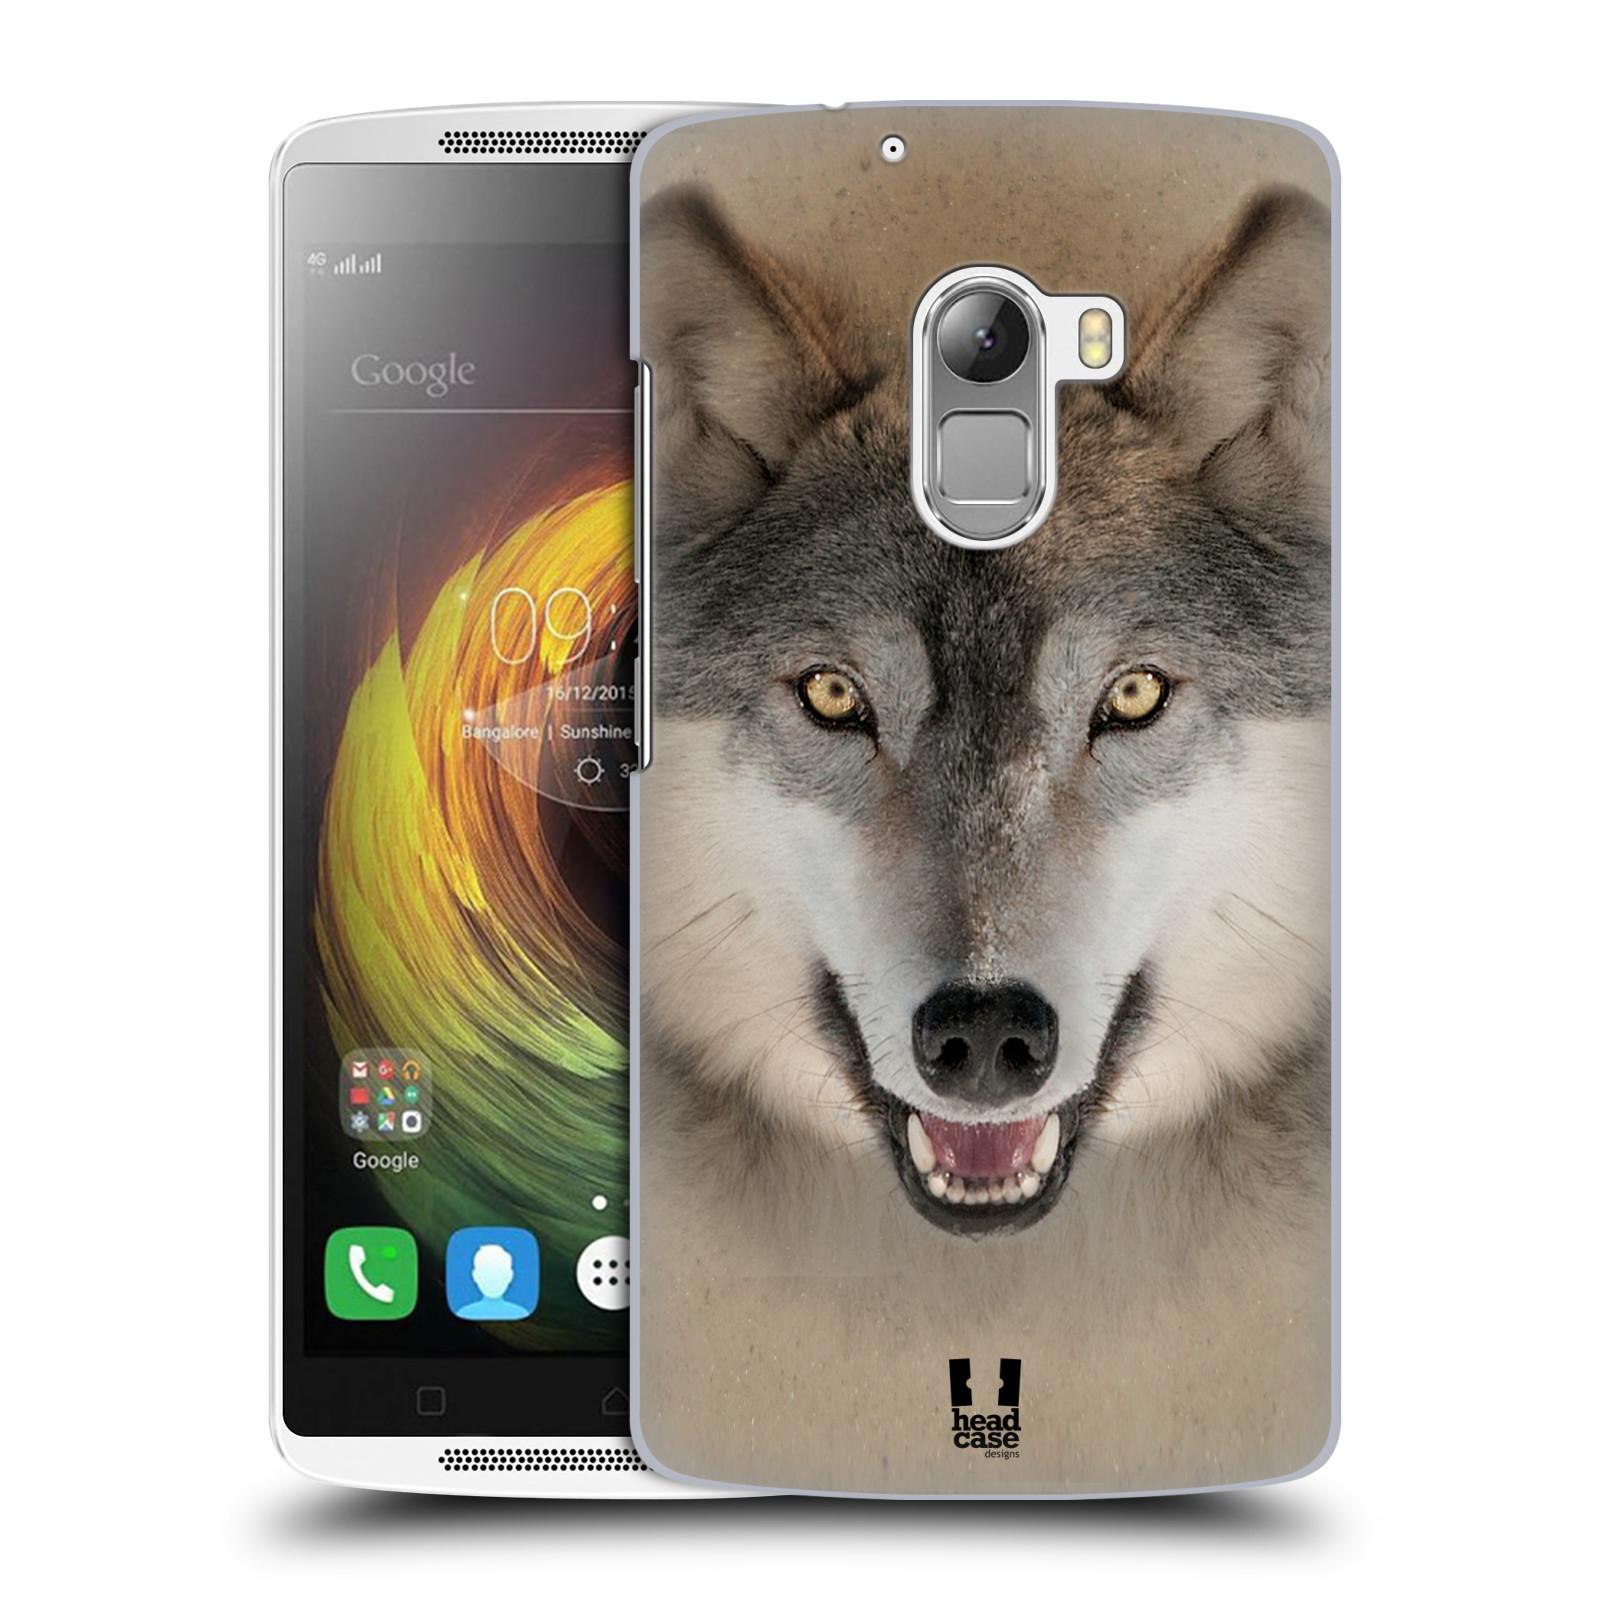 HEAD CASE pevný plastový obal na mobil LENOVO A7010 / A7010 DUAL / K4 Note / Vibe X3 lite vzor Zvířecí tváře 2 vlk šedý